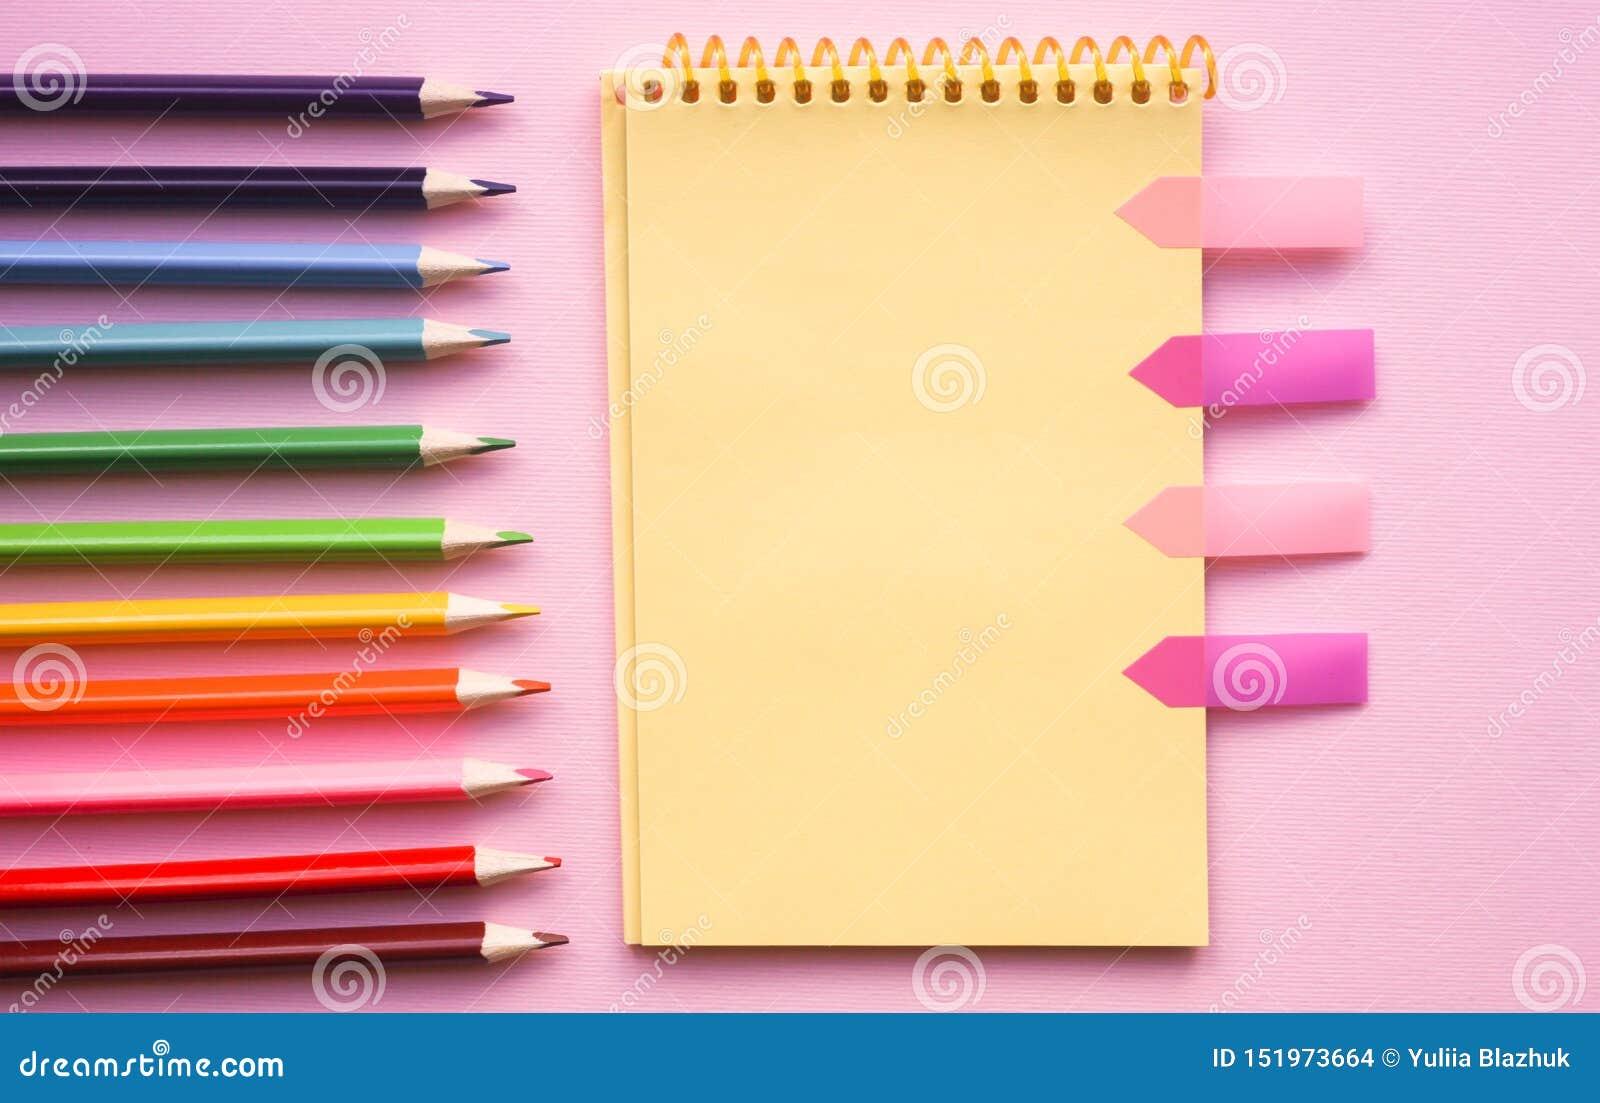 Tom sida av det vertikala spiral skissa blocket med färgpennor på rosa bakgrund